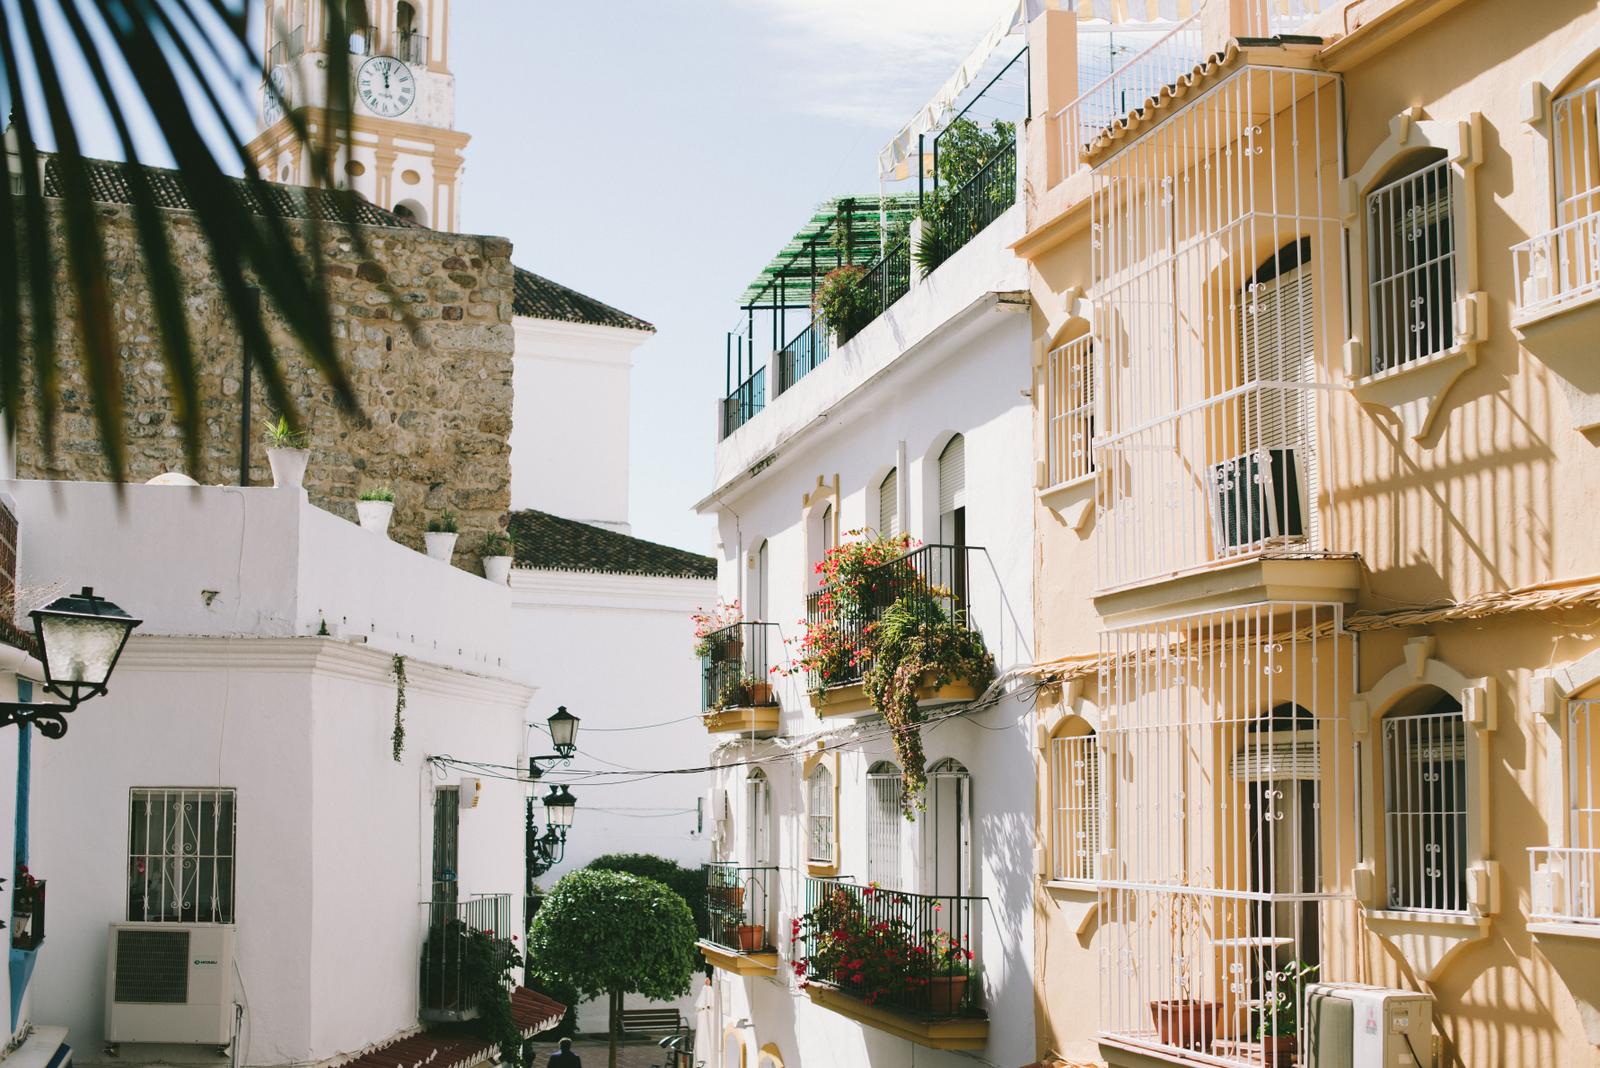 traveling-mama-visiting-marbella-25.jpg